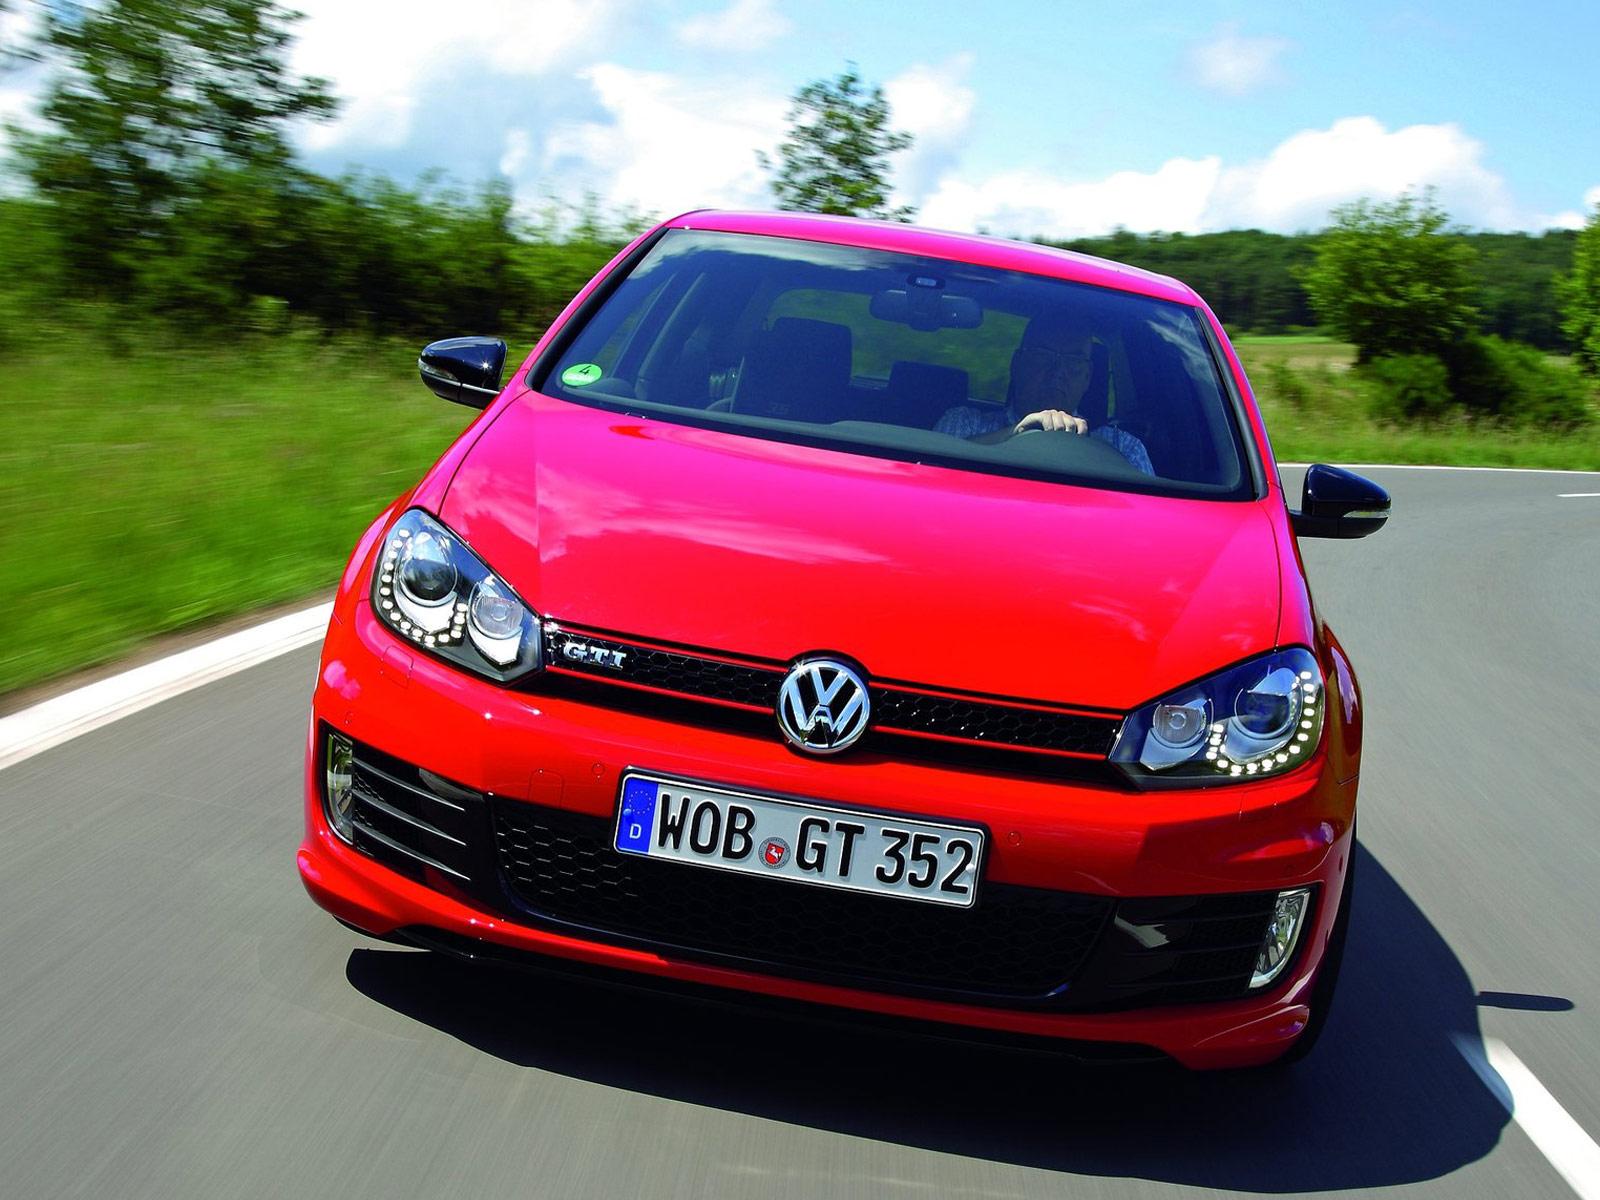 2011 Volkswagen Golf Gti Edition 35 Car Wallpaper